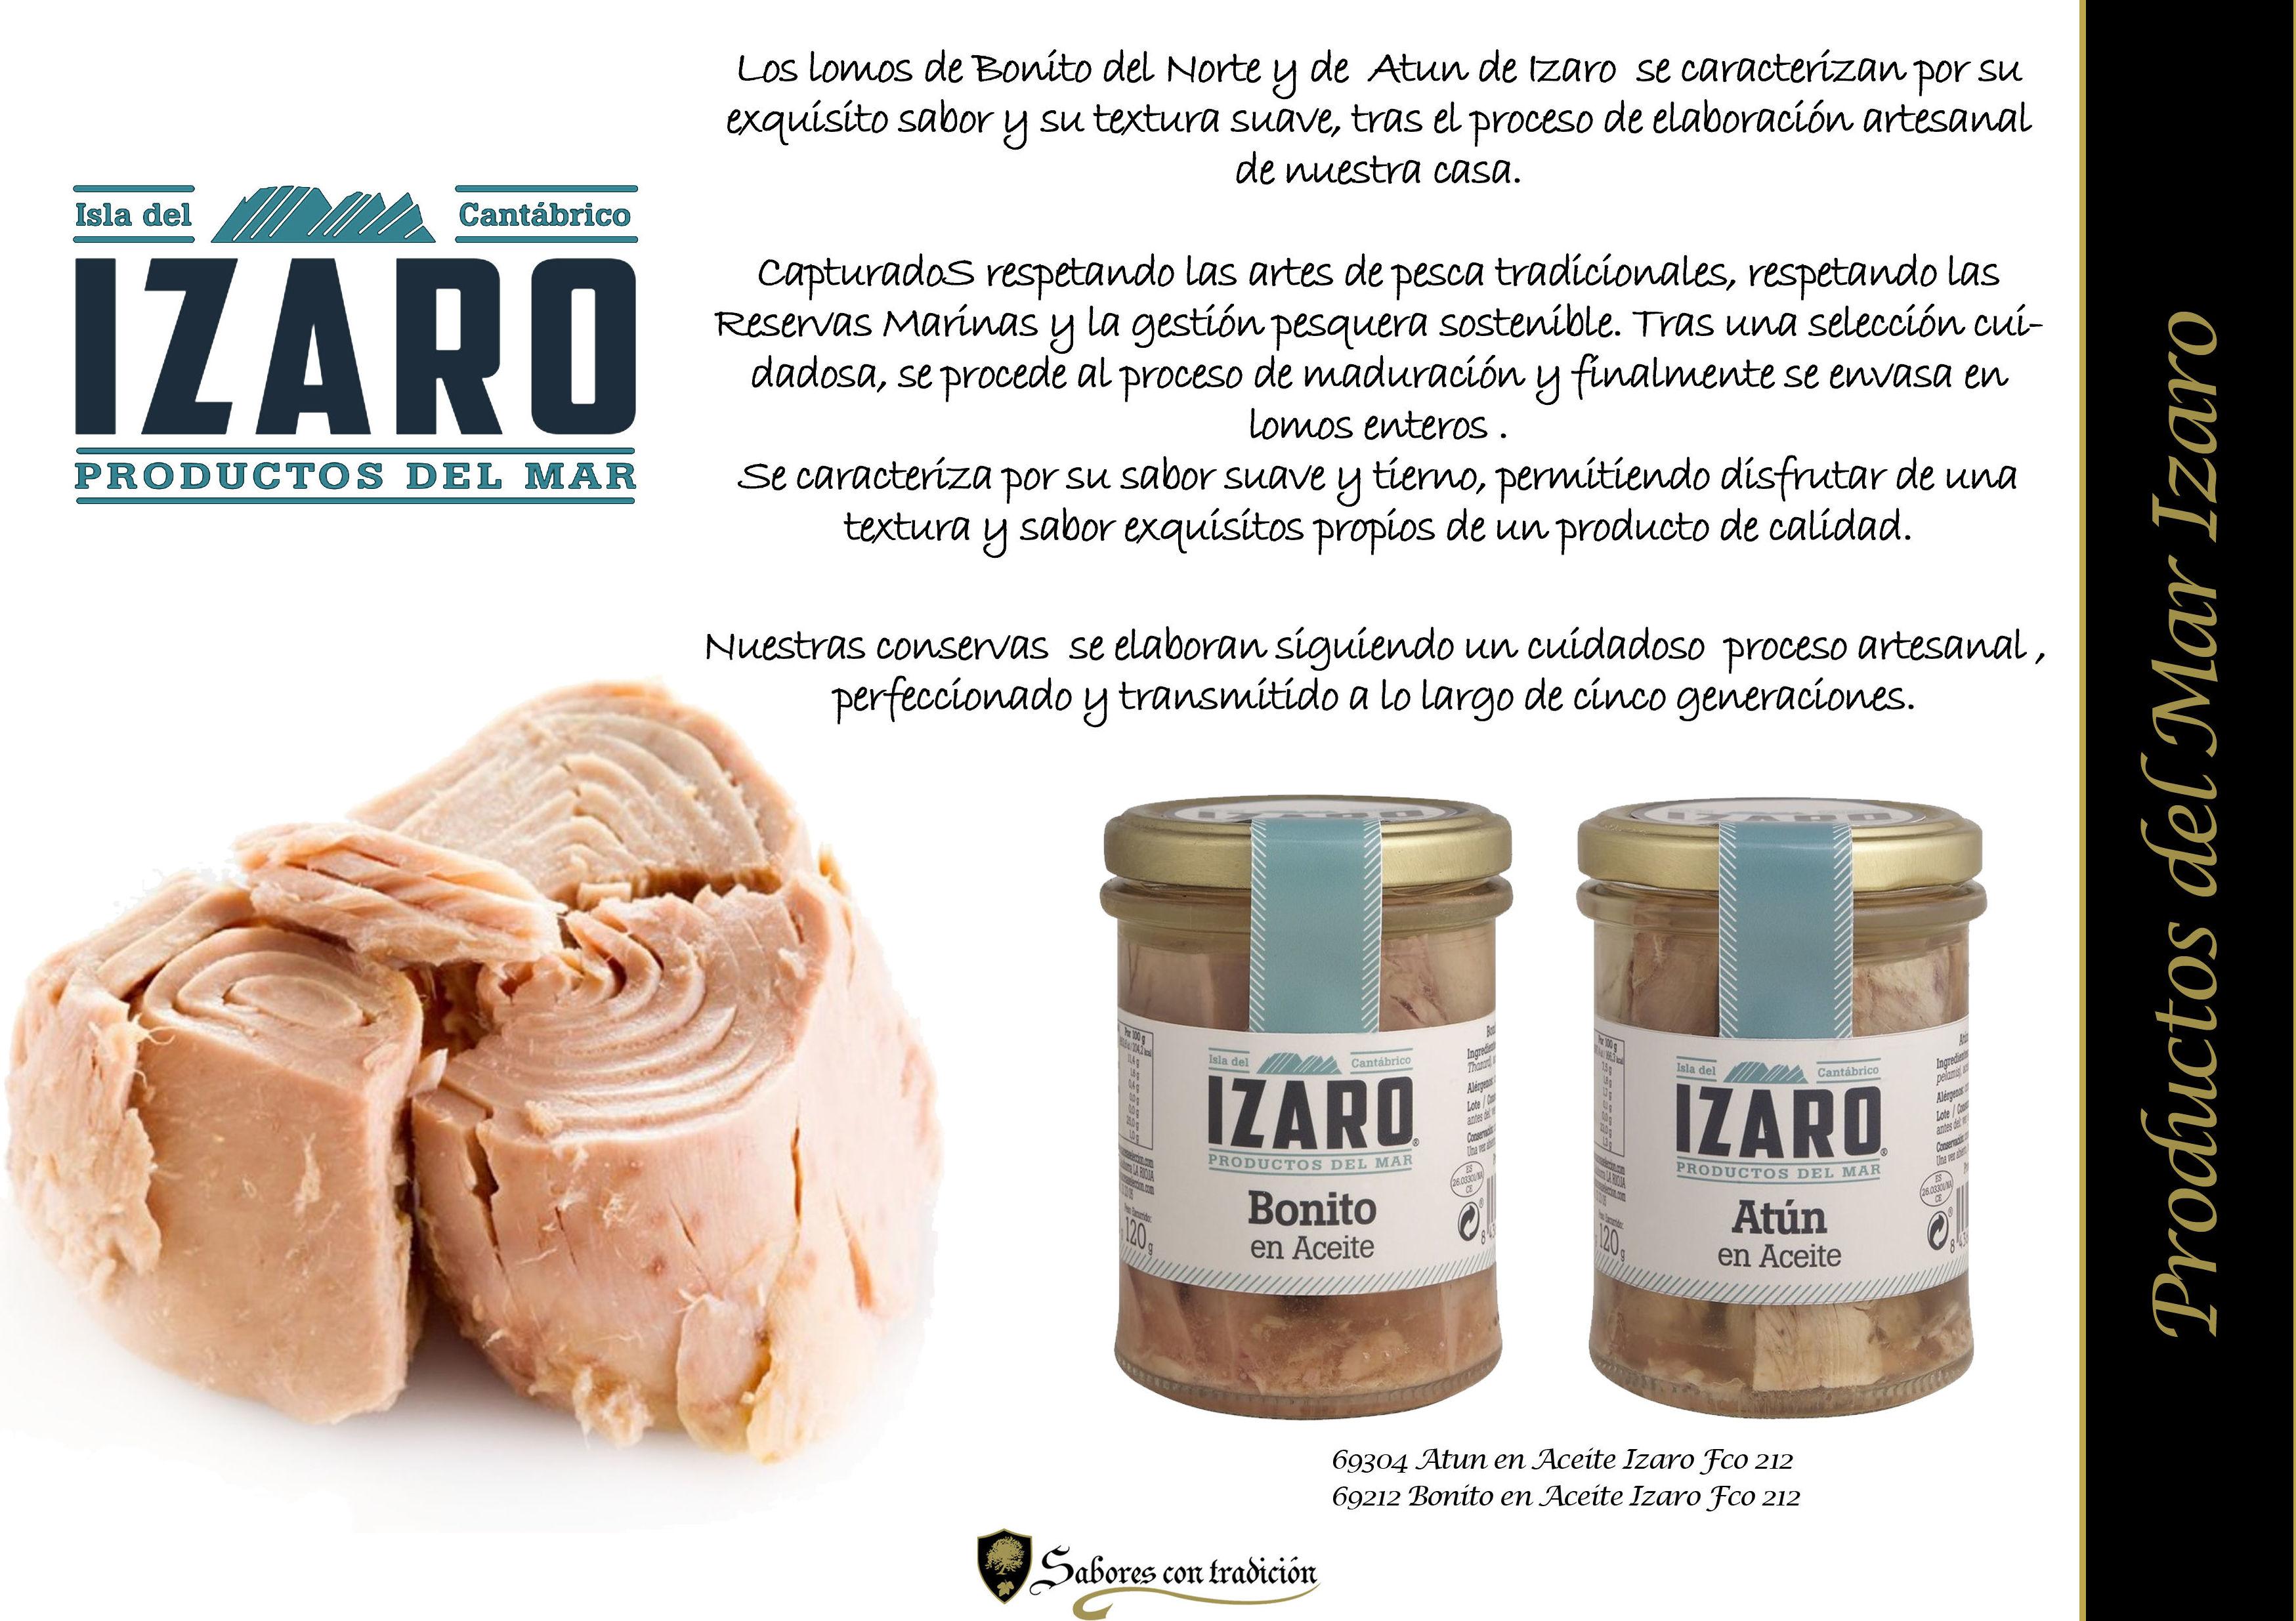 """Productos de Mar """" Izaro """": Productos de Sabores con tradición"""